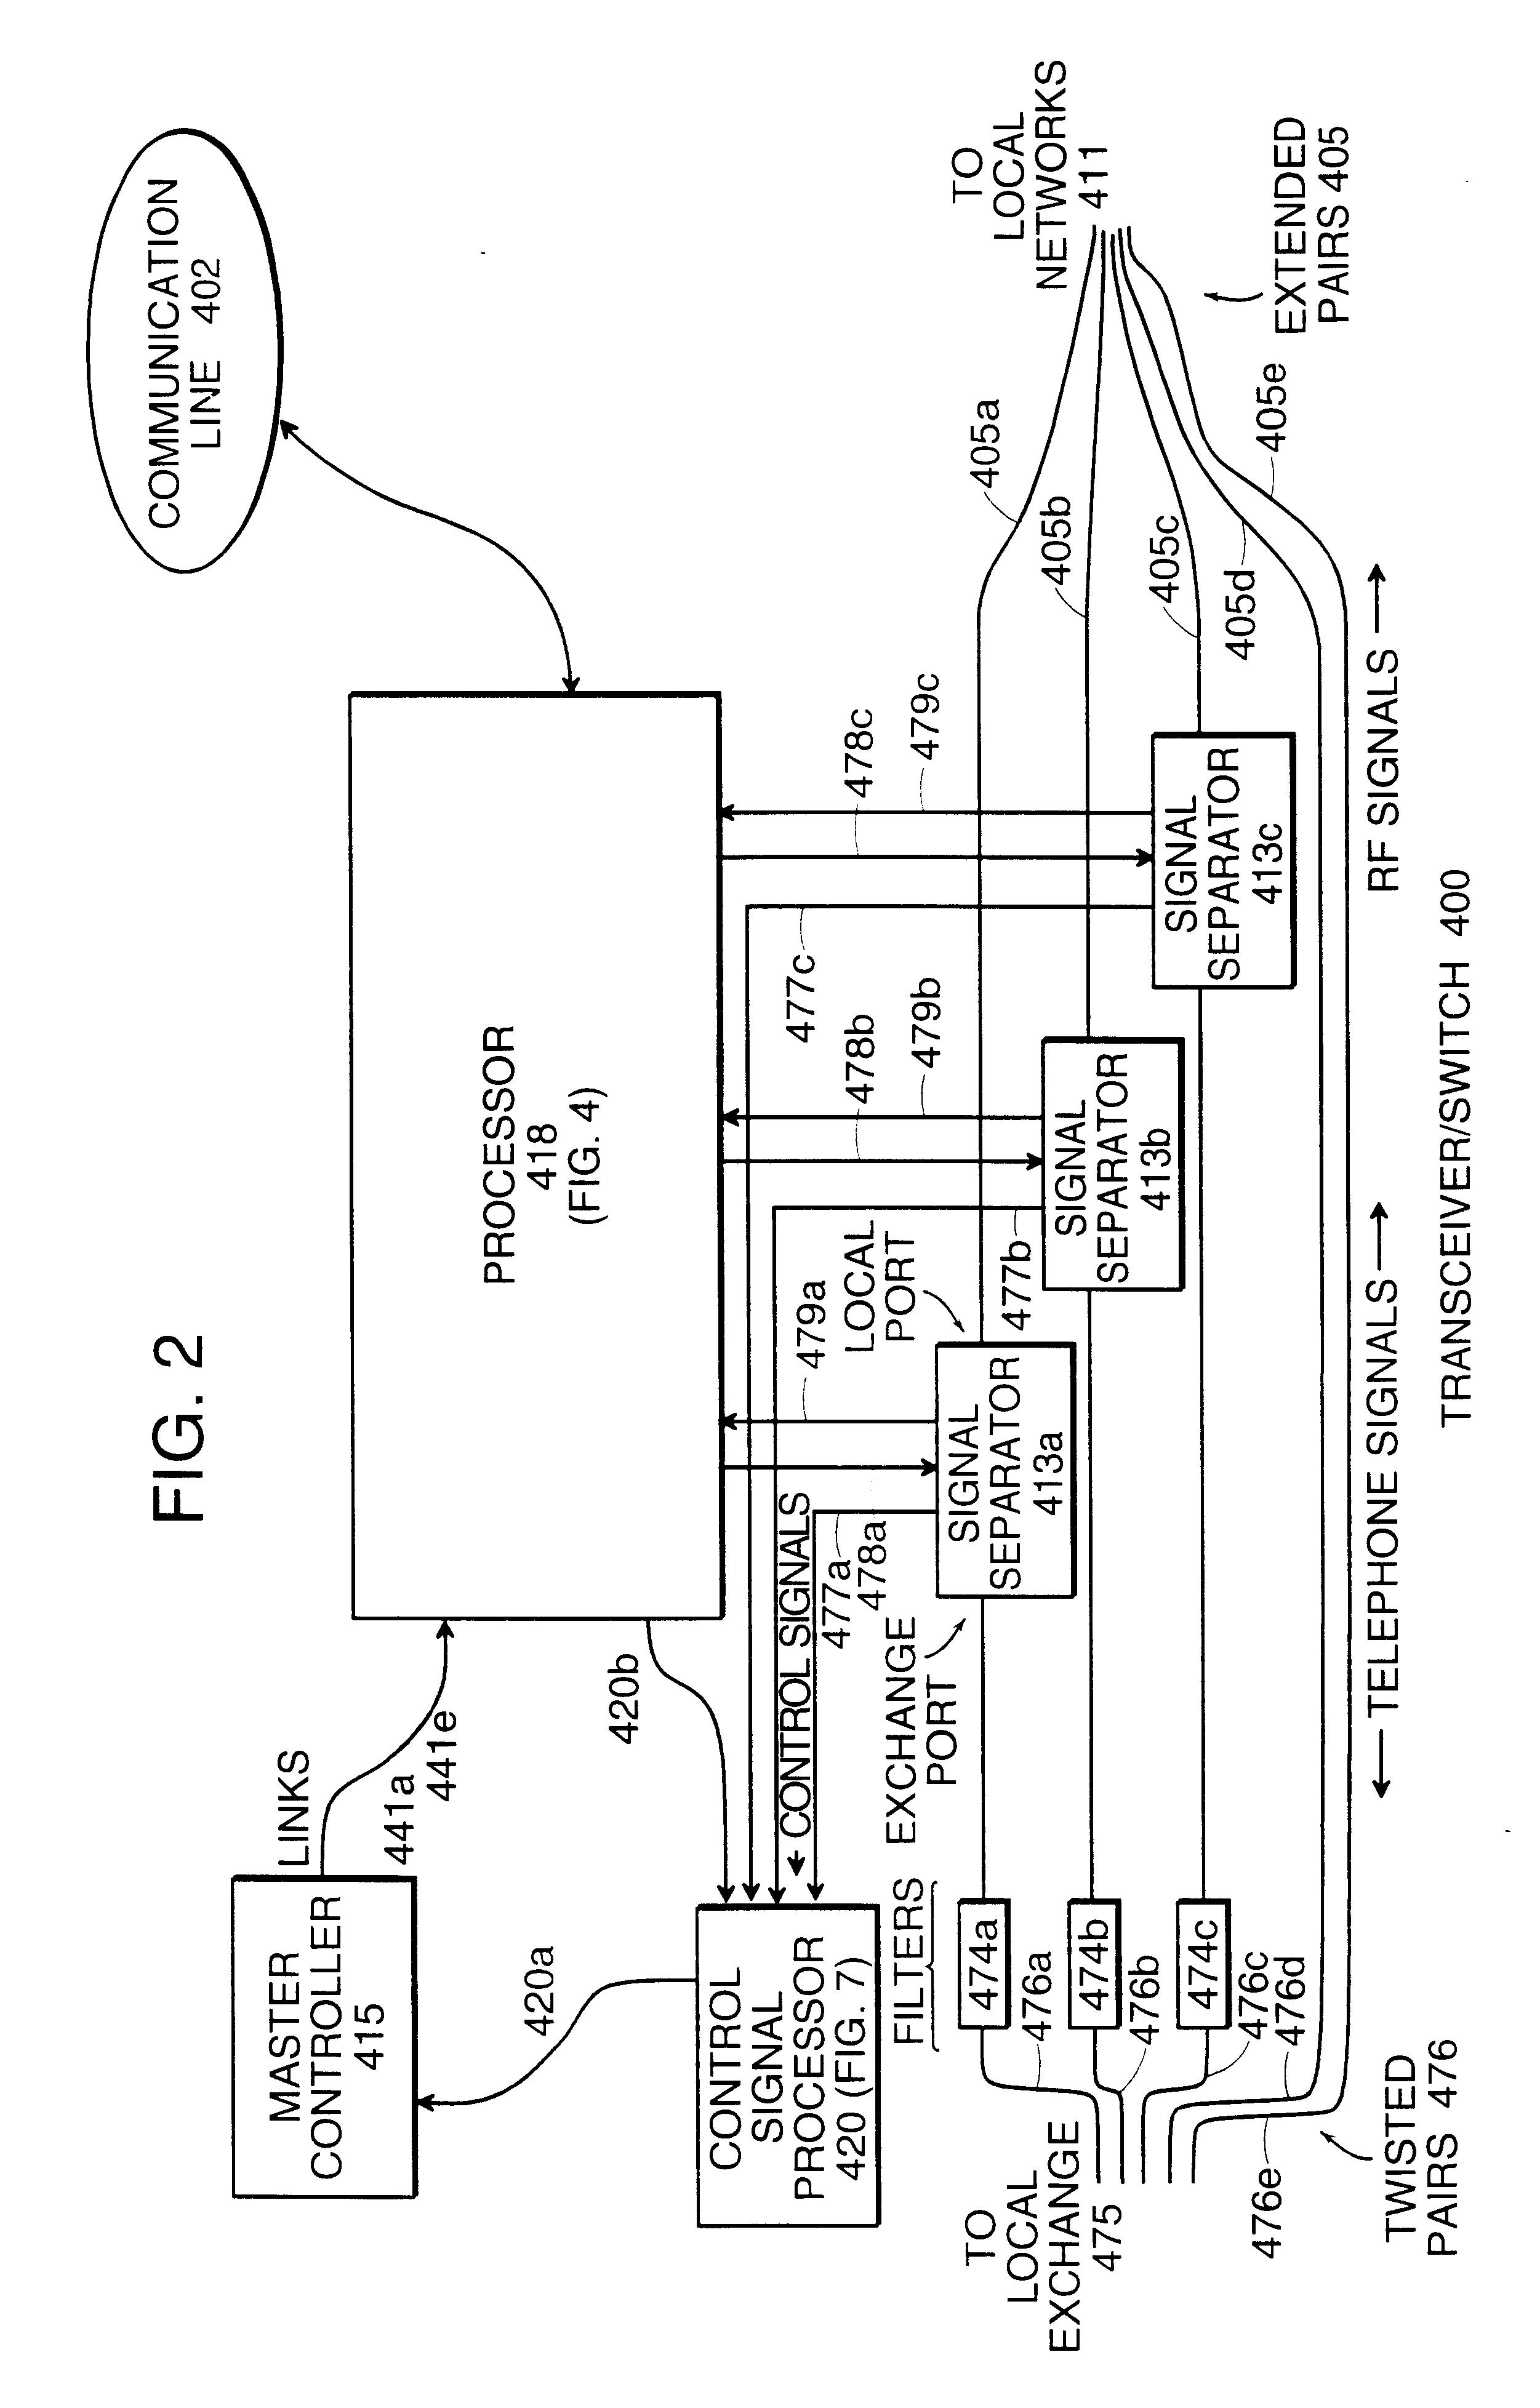 Patent Us 6243446 B1 Case 508c Wiring Diagram